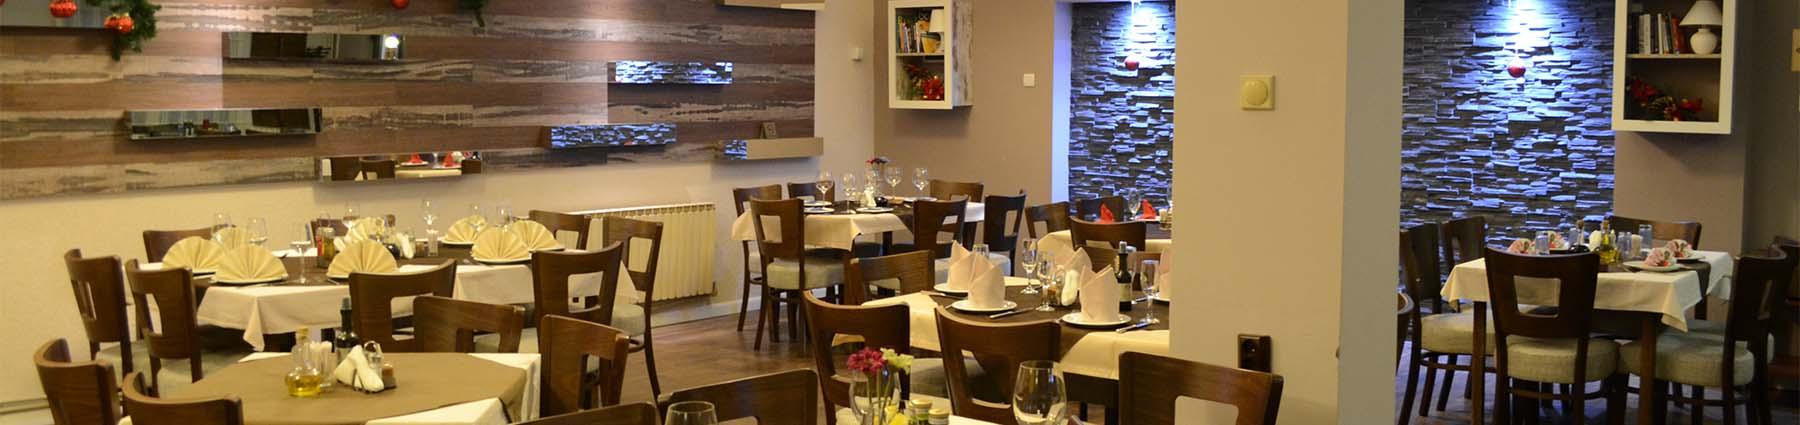 Restaurant Necko